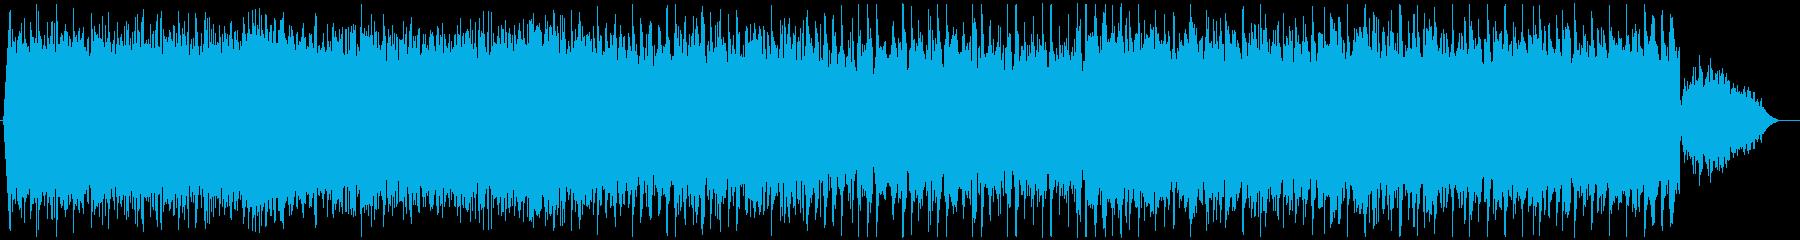 さわやか雰囲気のエレクトロBGMの再生済みの波形